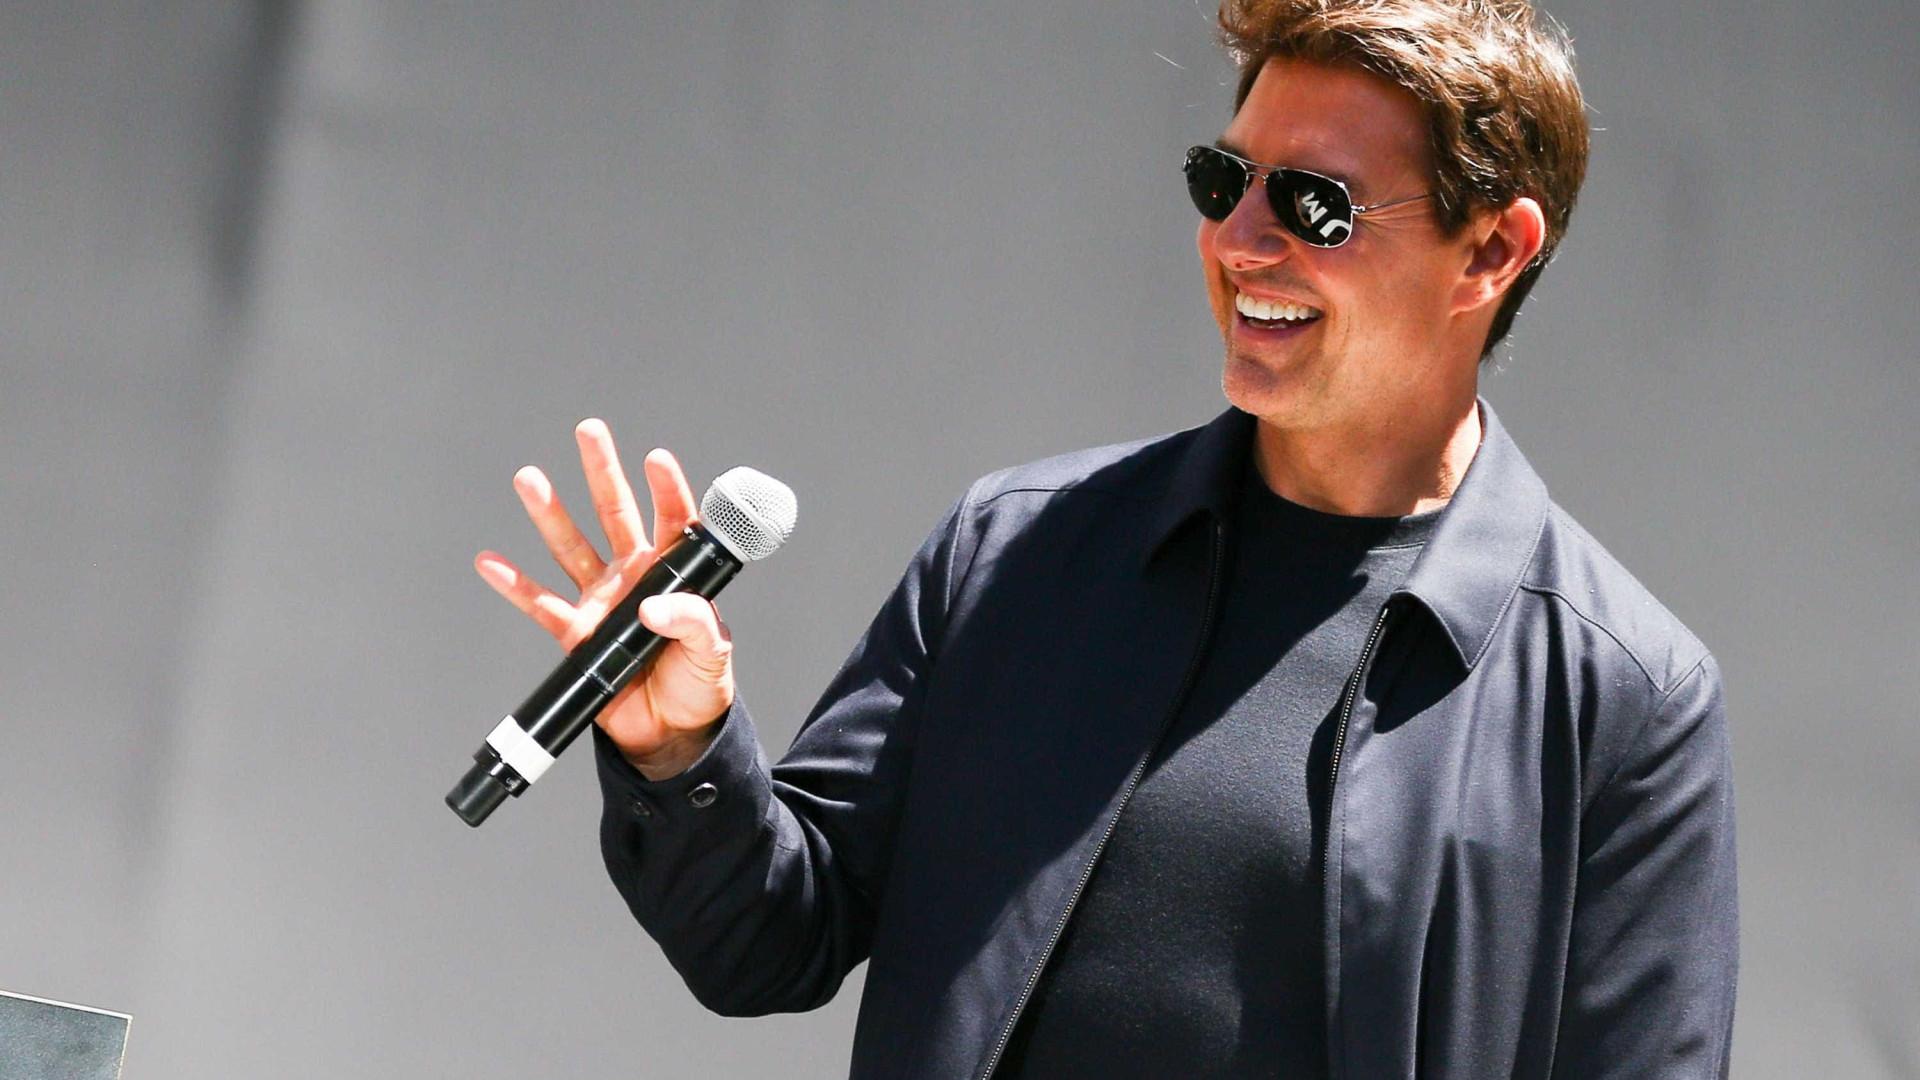 Eis o ator com quem Tom Cruise ainda não contracenou, mas quer muito...